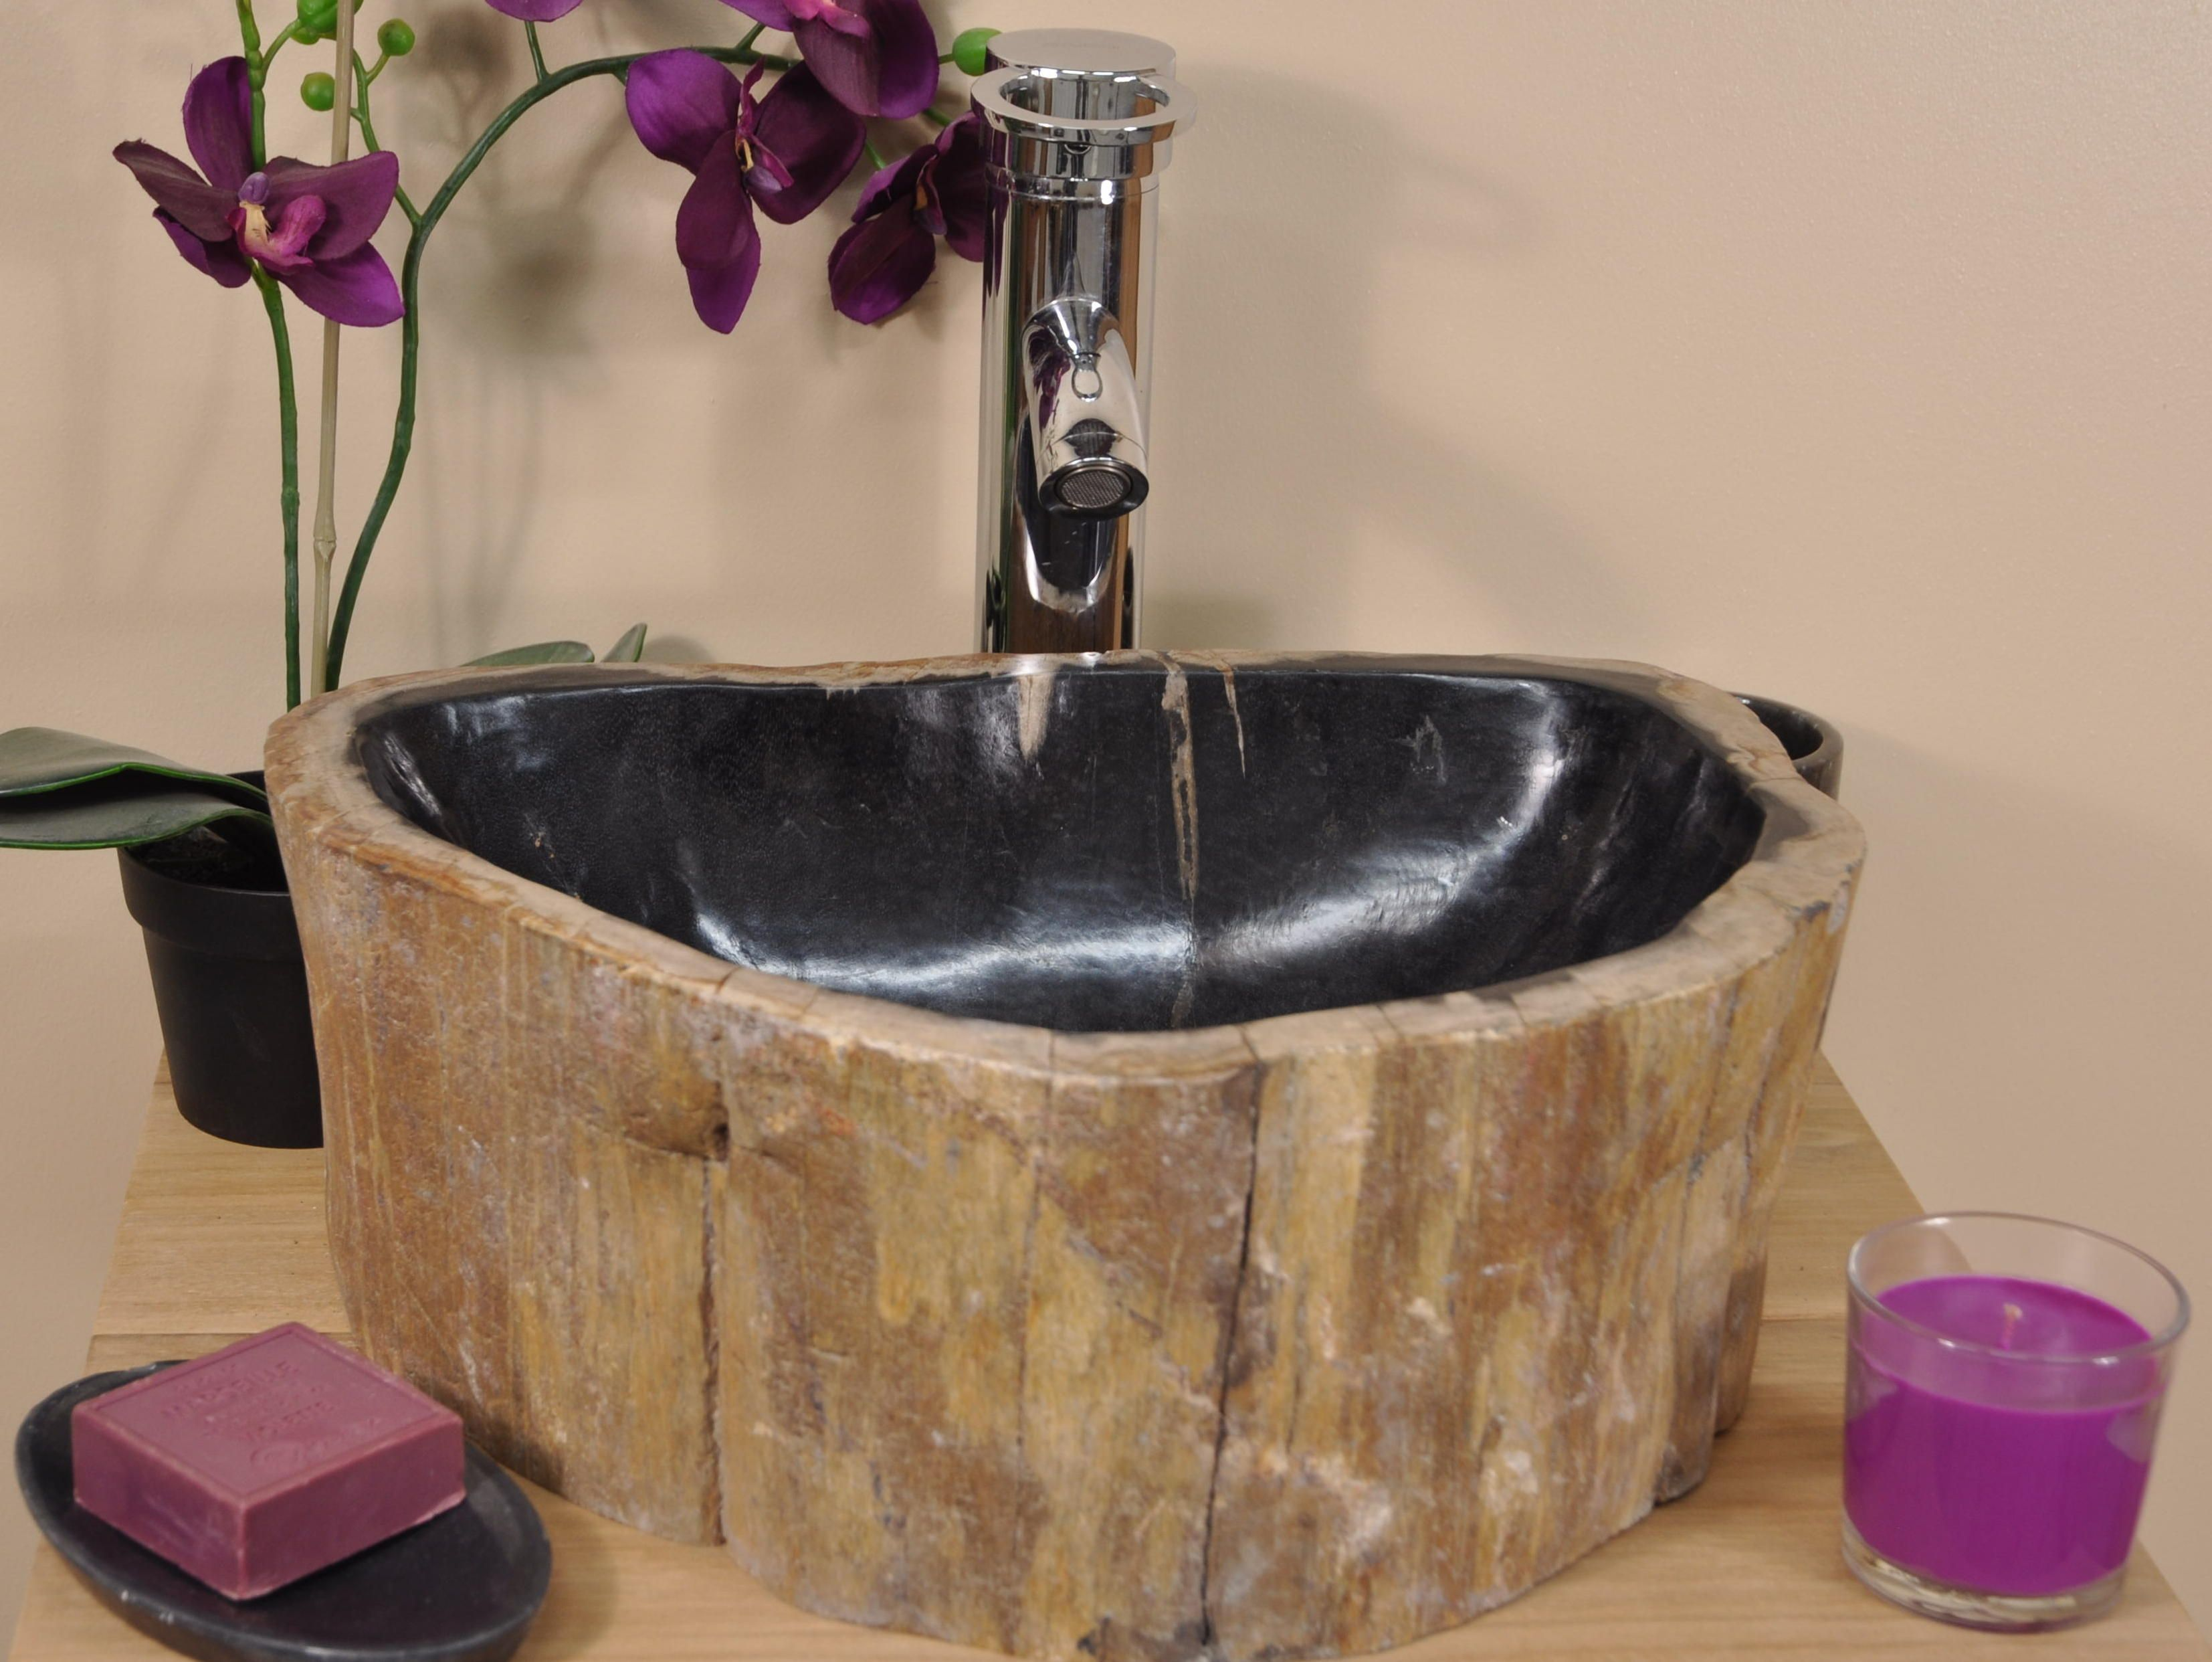 Vasque A Poser En Bois Petrifie Fossilise De Qualite Exceptionnelle Polie A L Interieur Et Brute A L Exterieur Vasque Vasque Bois Petrifie Salle De Bain Bois